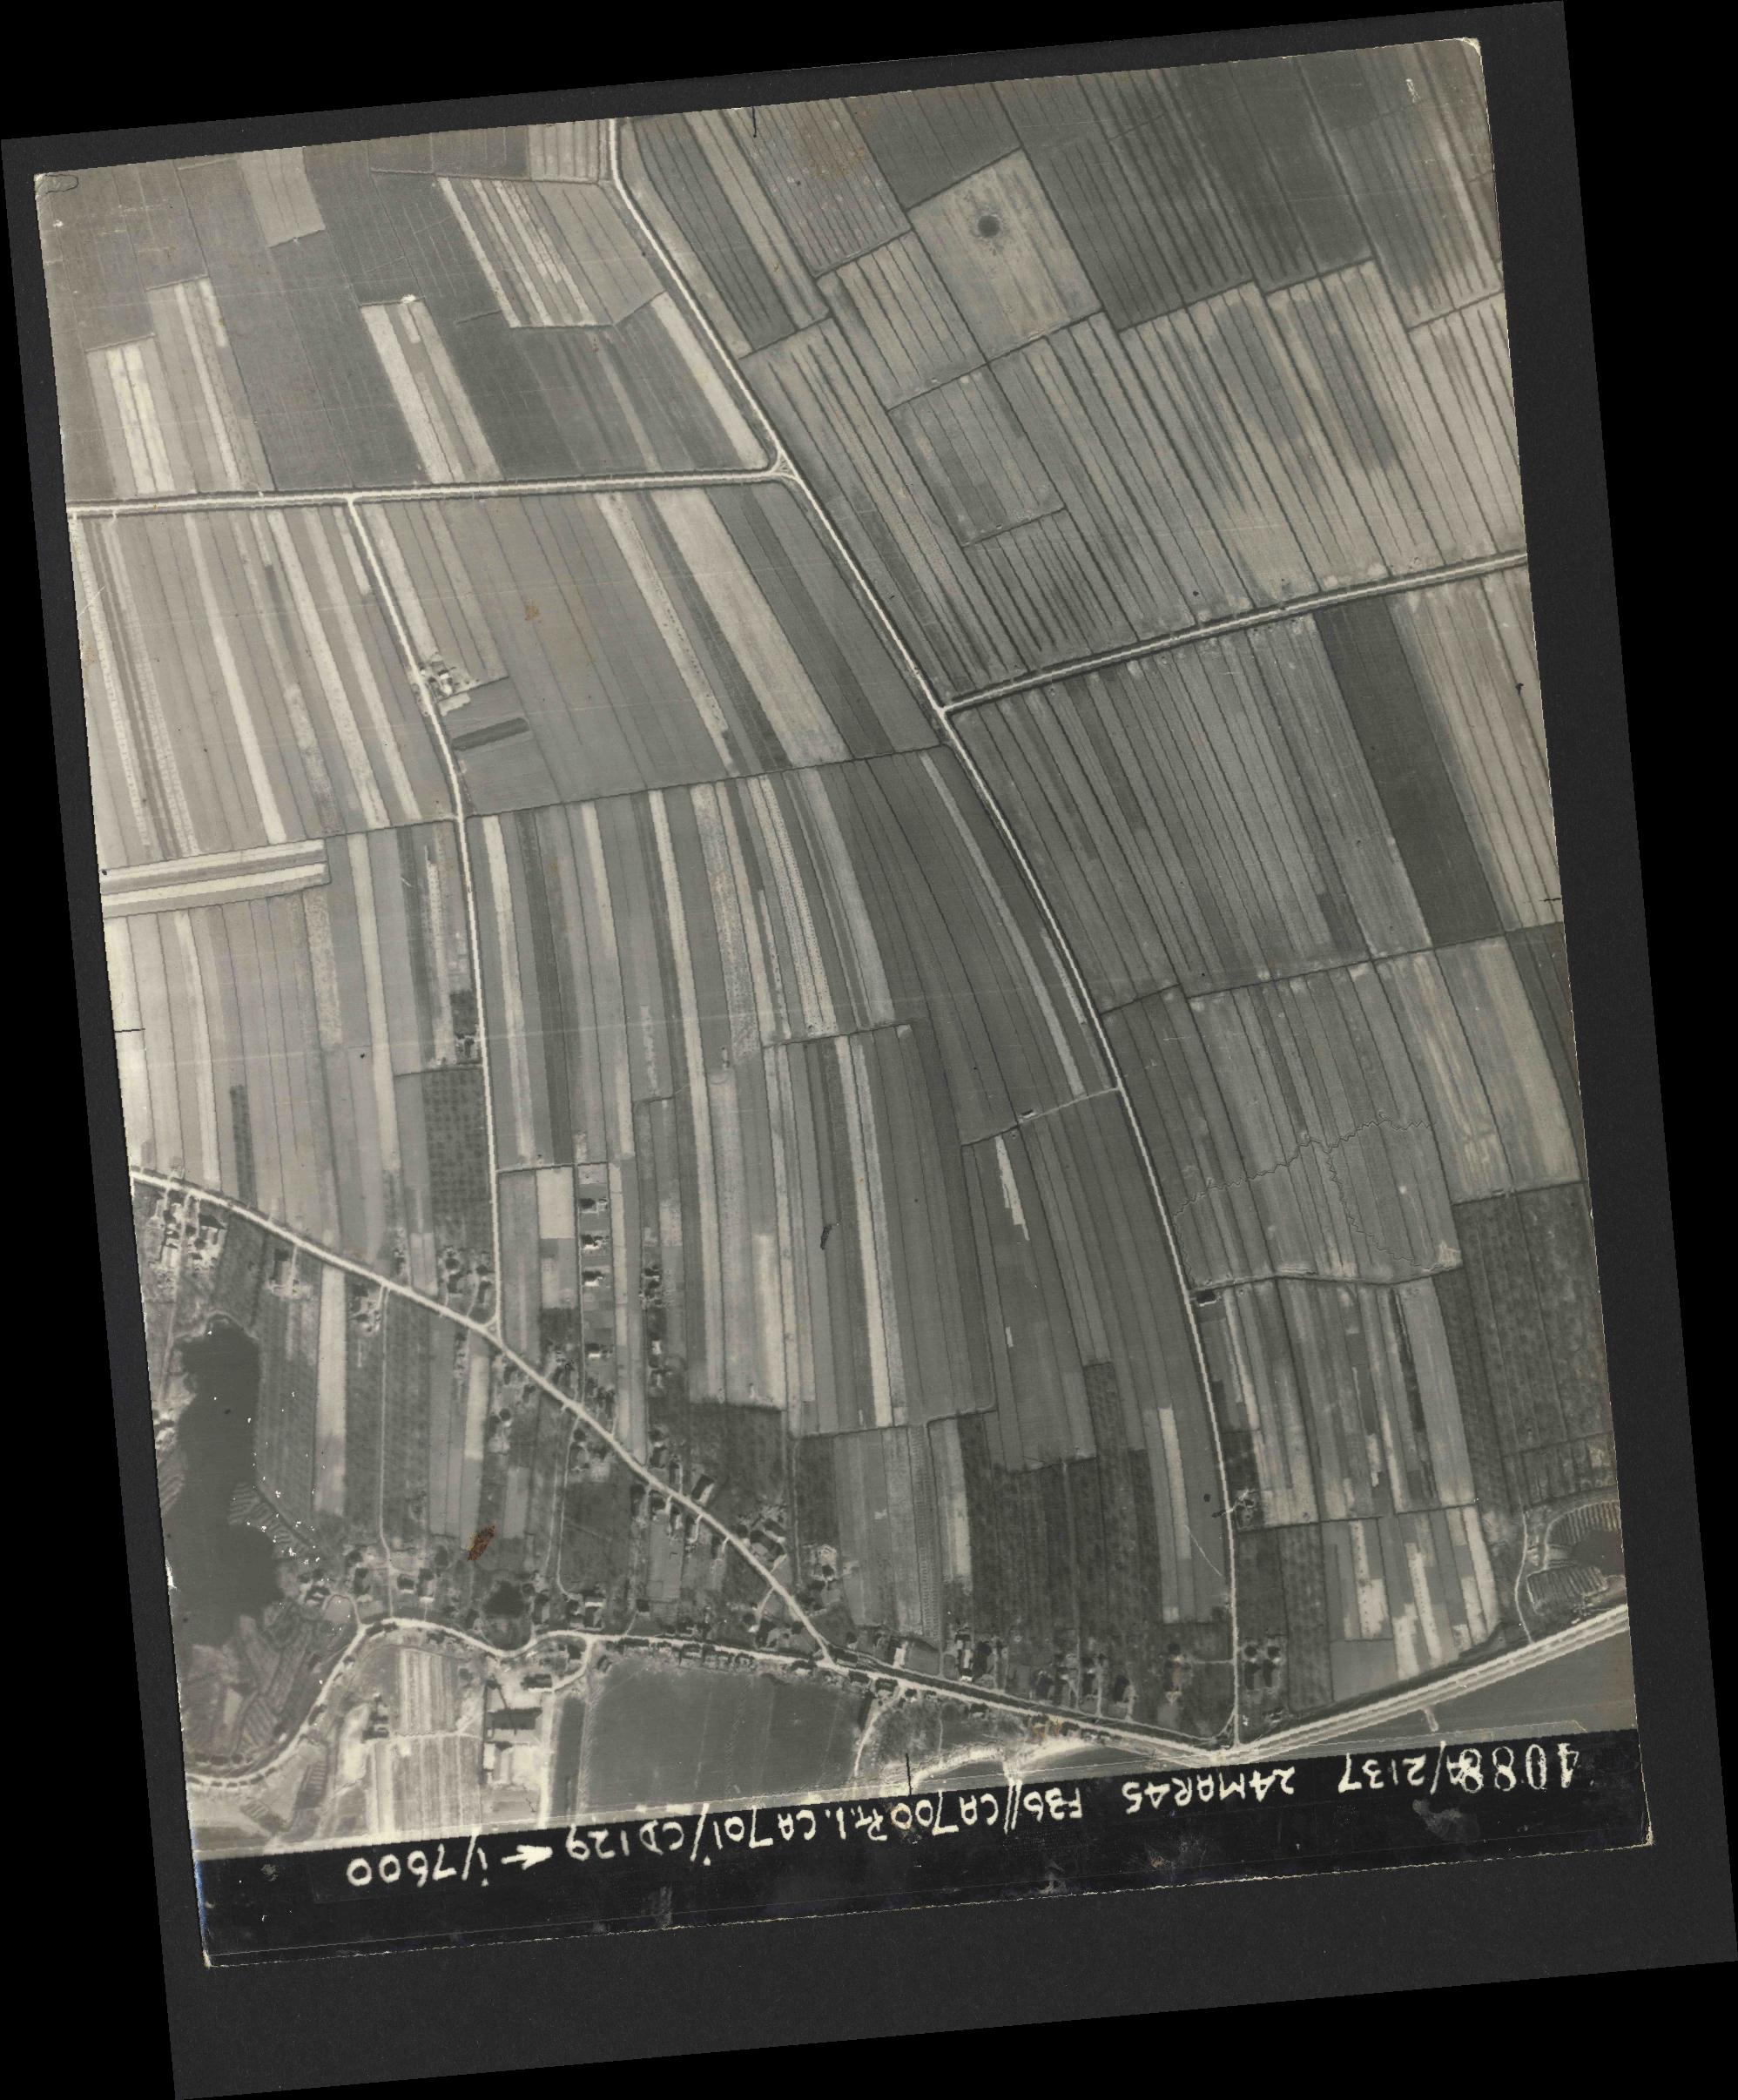 Collection RAF aerial photos 1940-1945 - flight 054, run 08, photo 4088